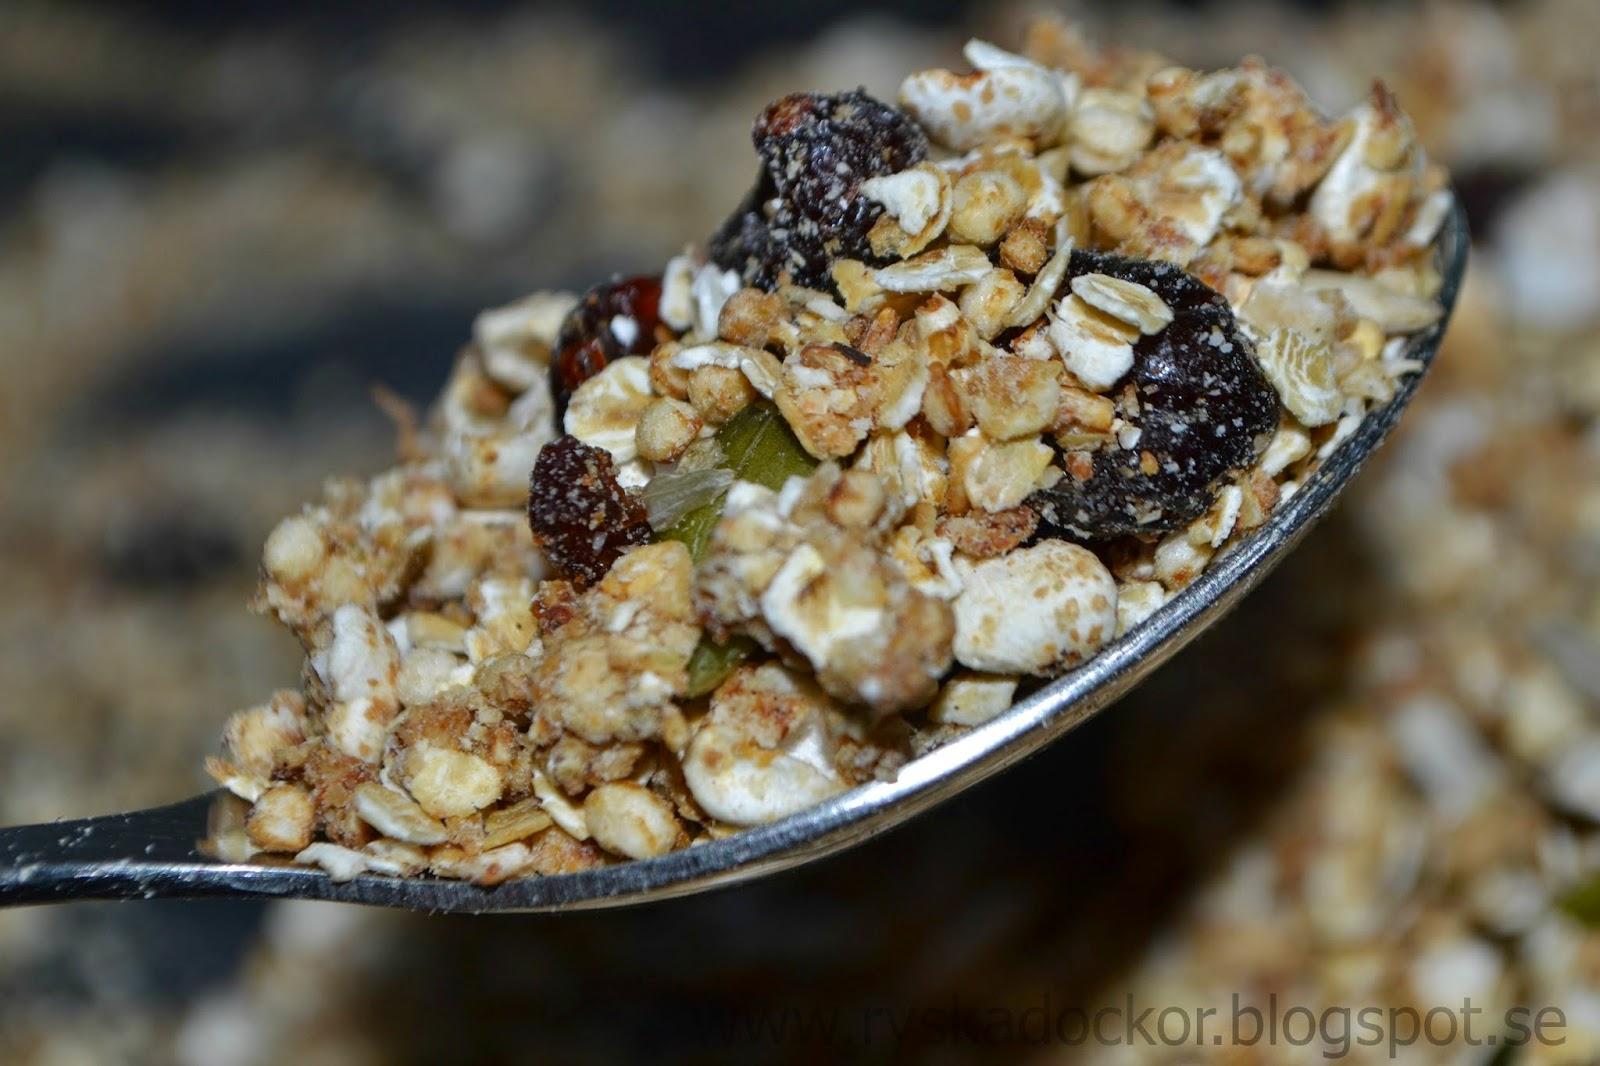 hemmagjord glutenfri musli